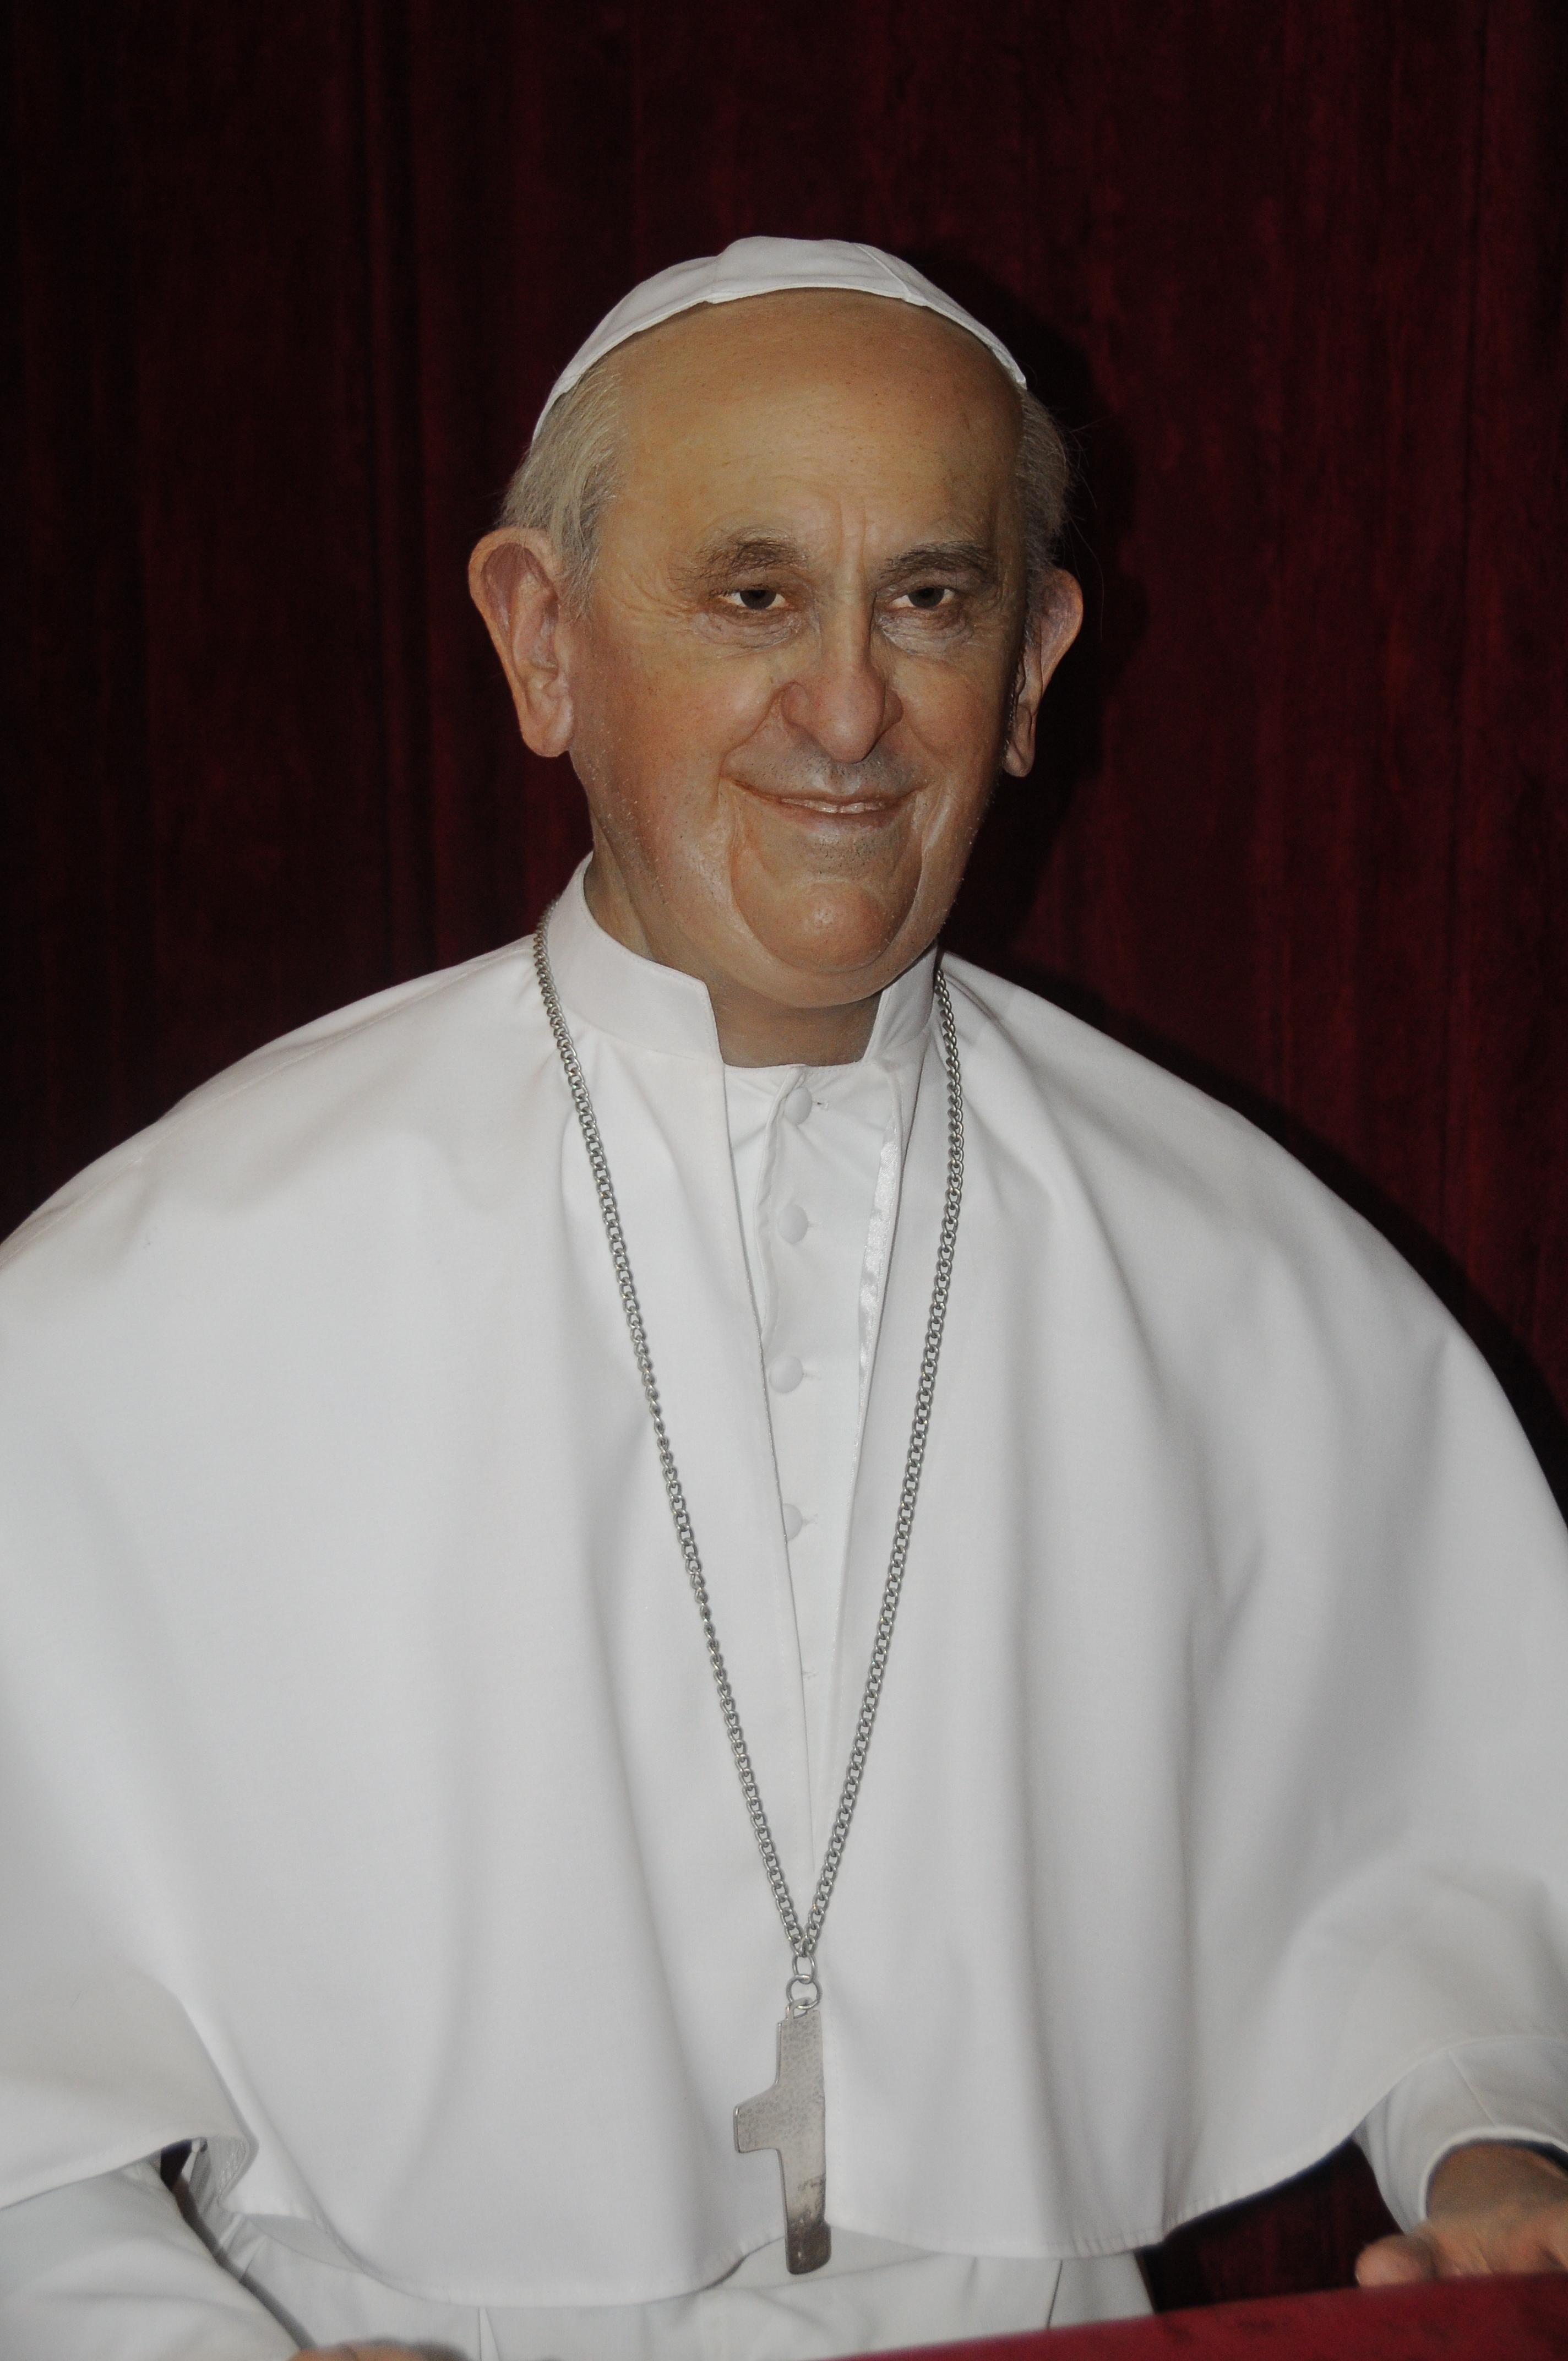 FilePapa Francisco In PresepioJPG